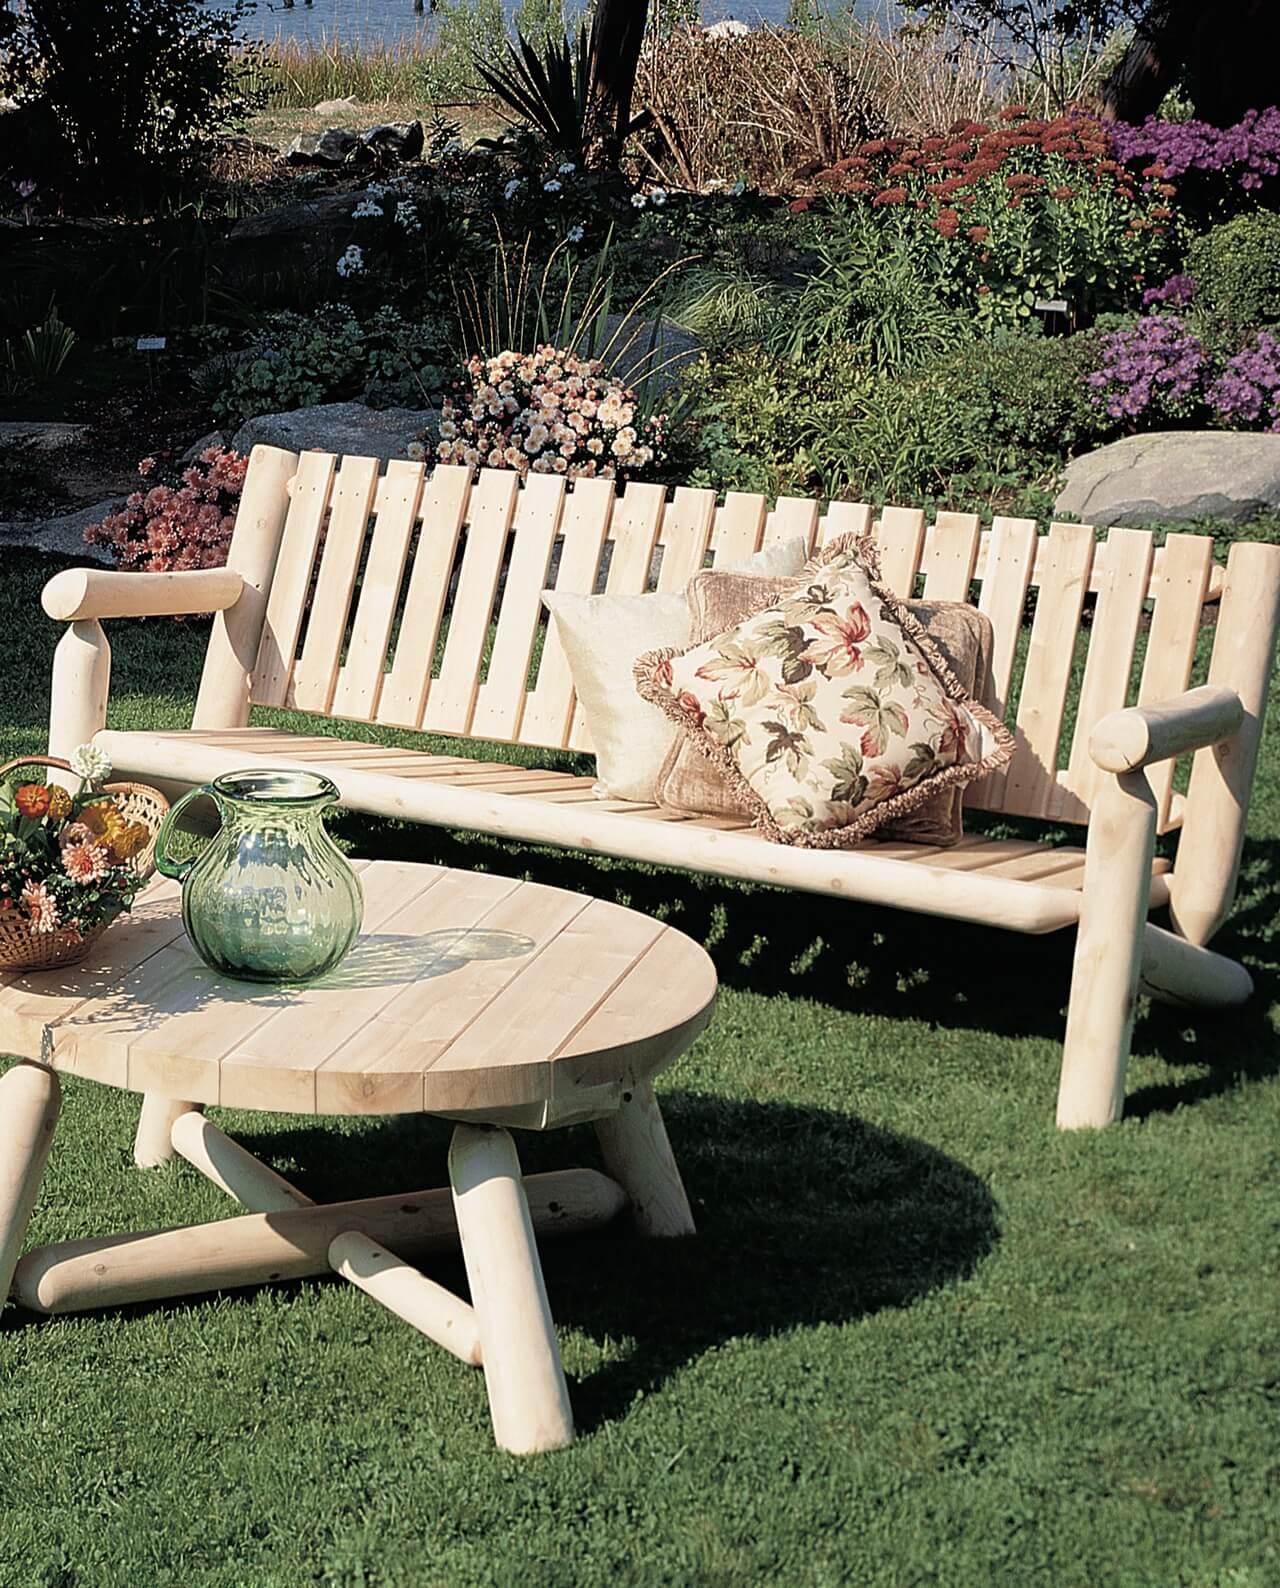 Ensemble de jardin canapé banc bois table d'extérieur ronde Cèdre & Rondins